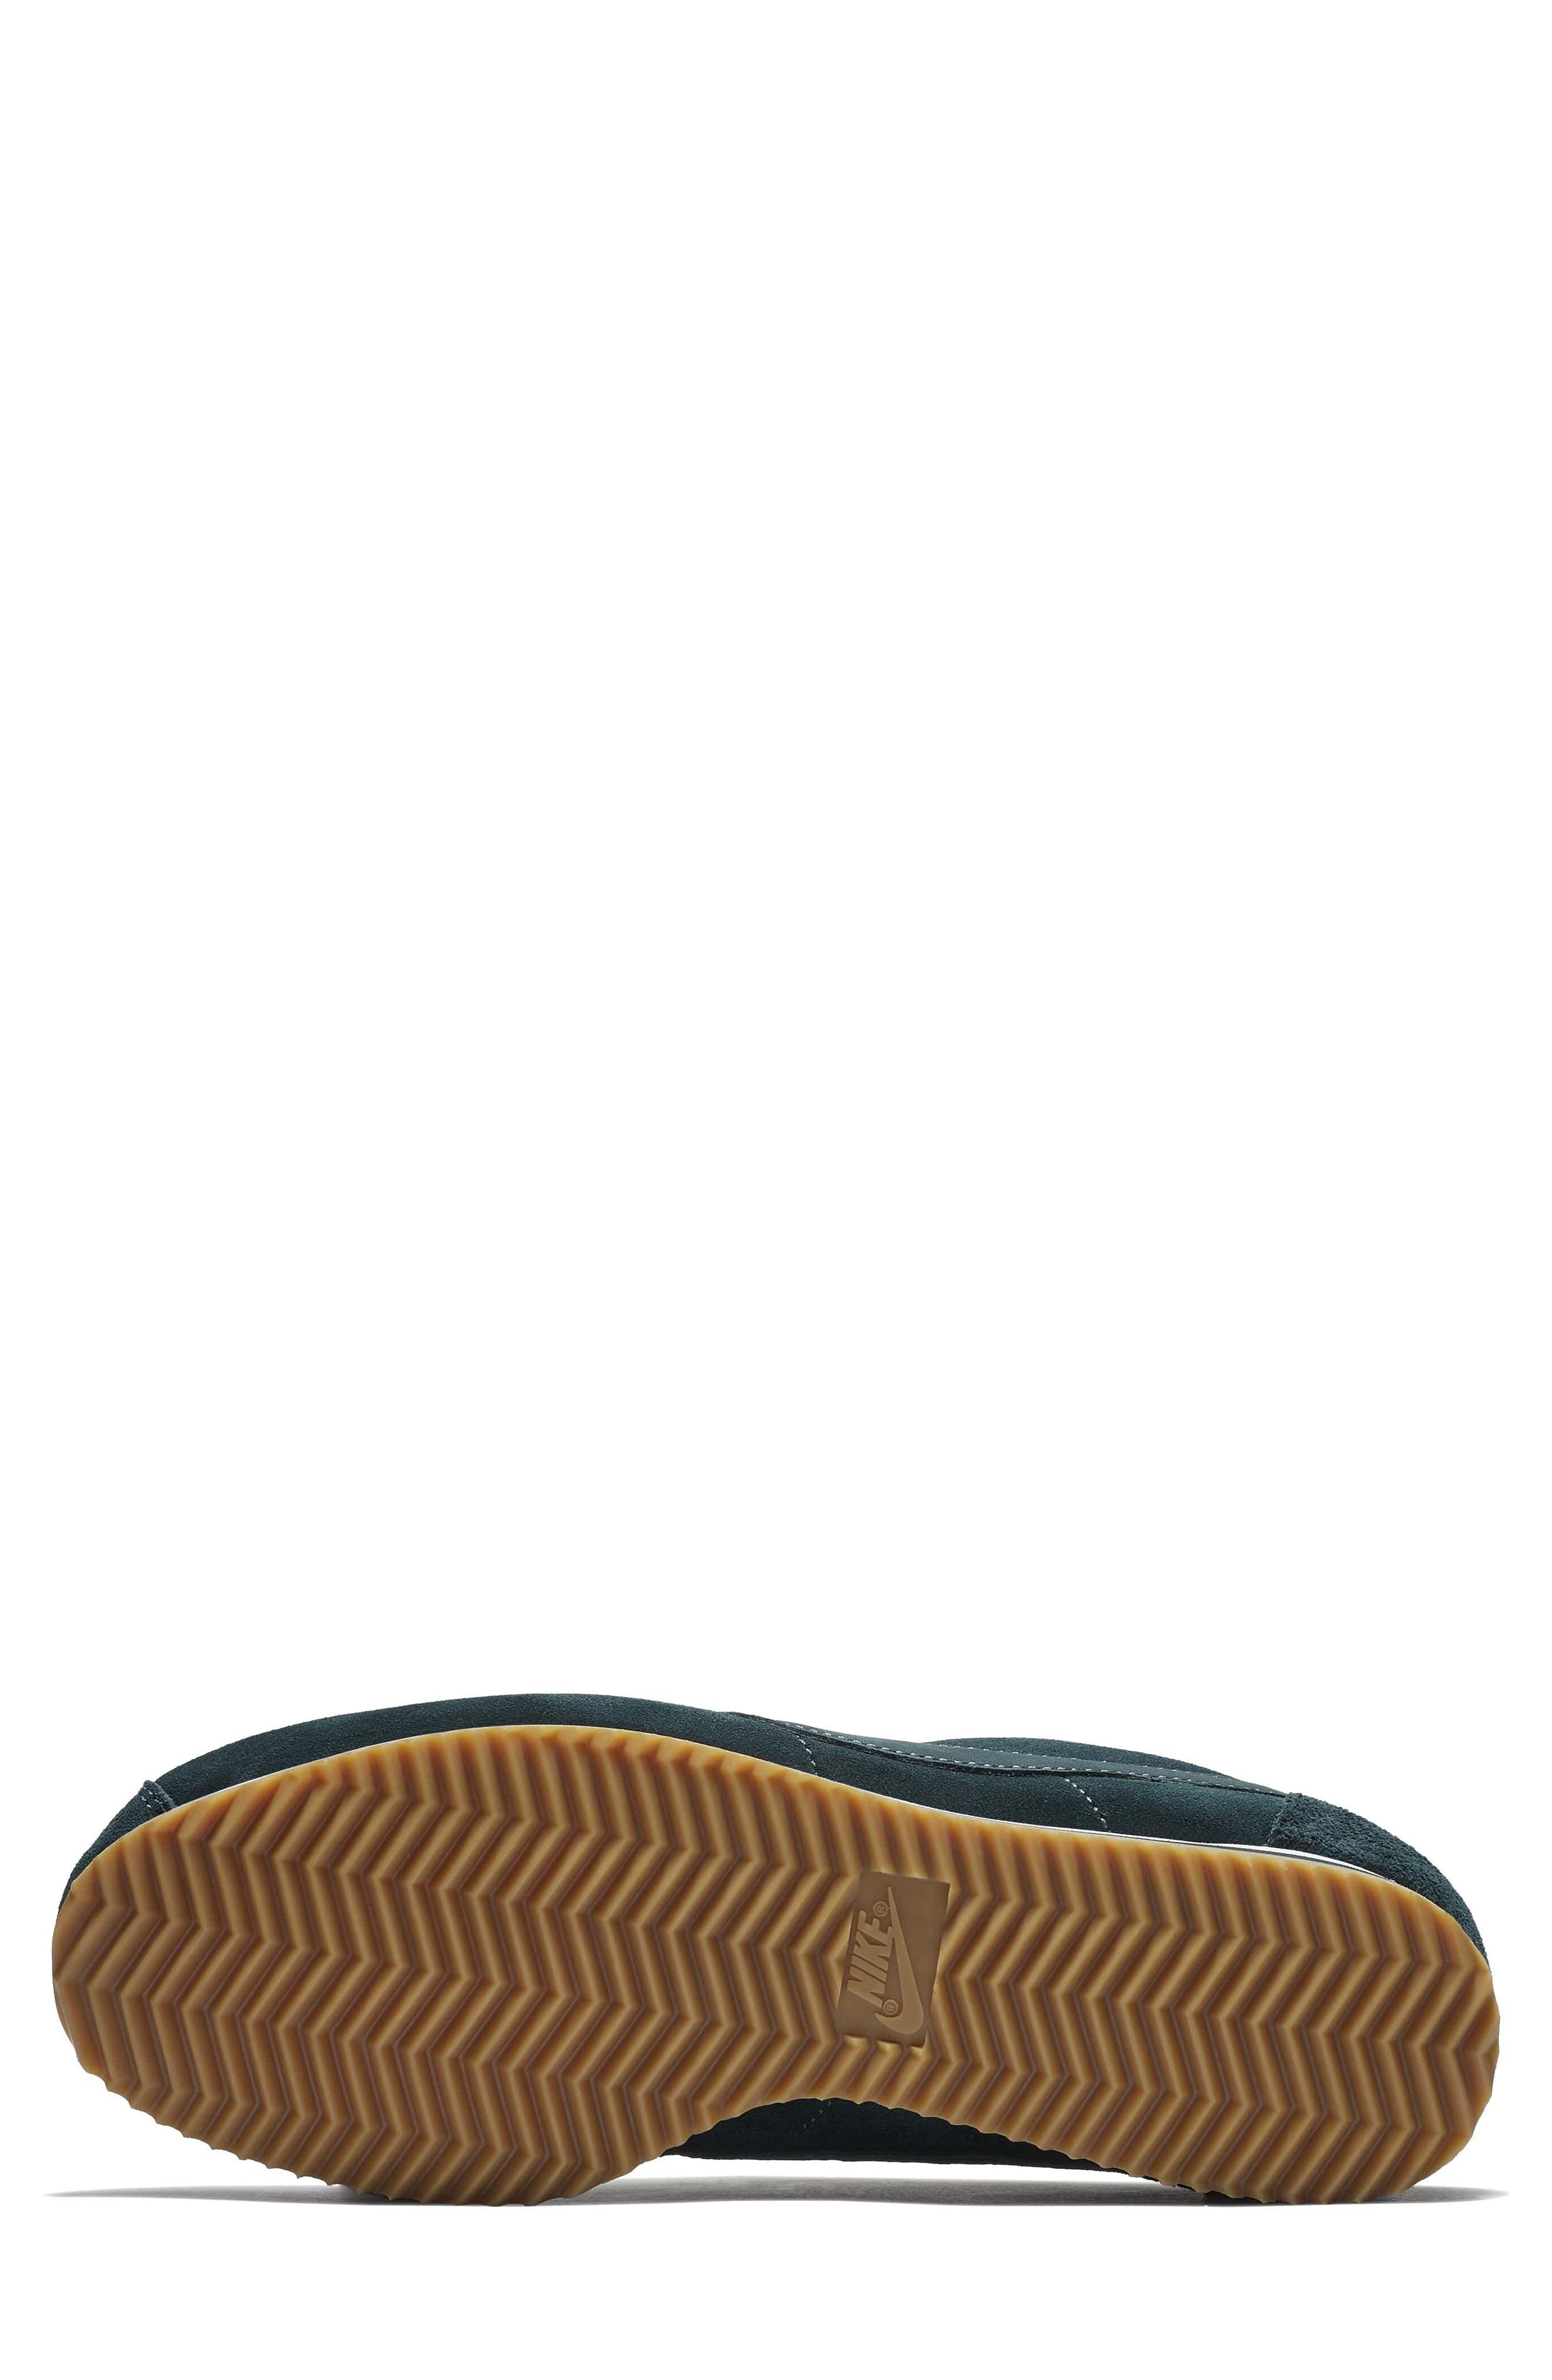 x A.L.C. Classic Cortez Sneaker,                             Alternate thumbnail 20, color,